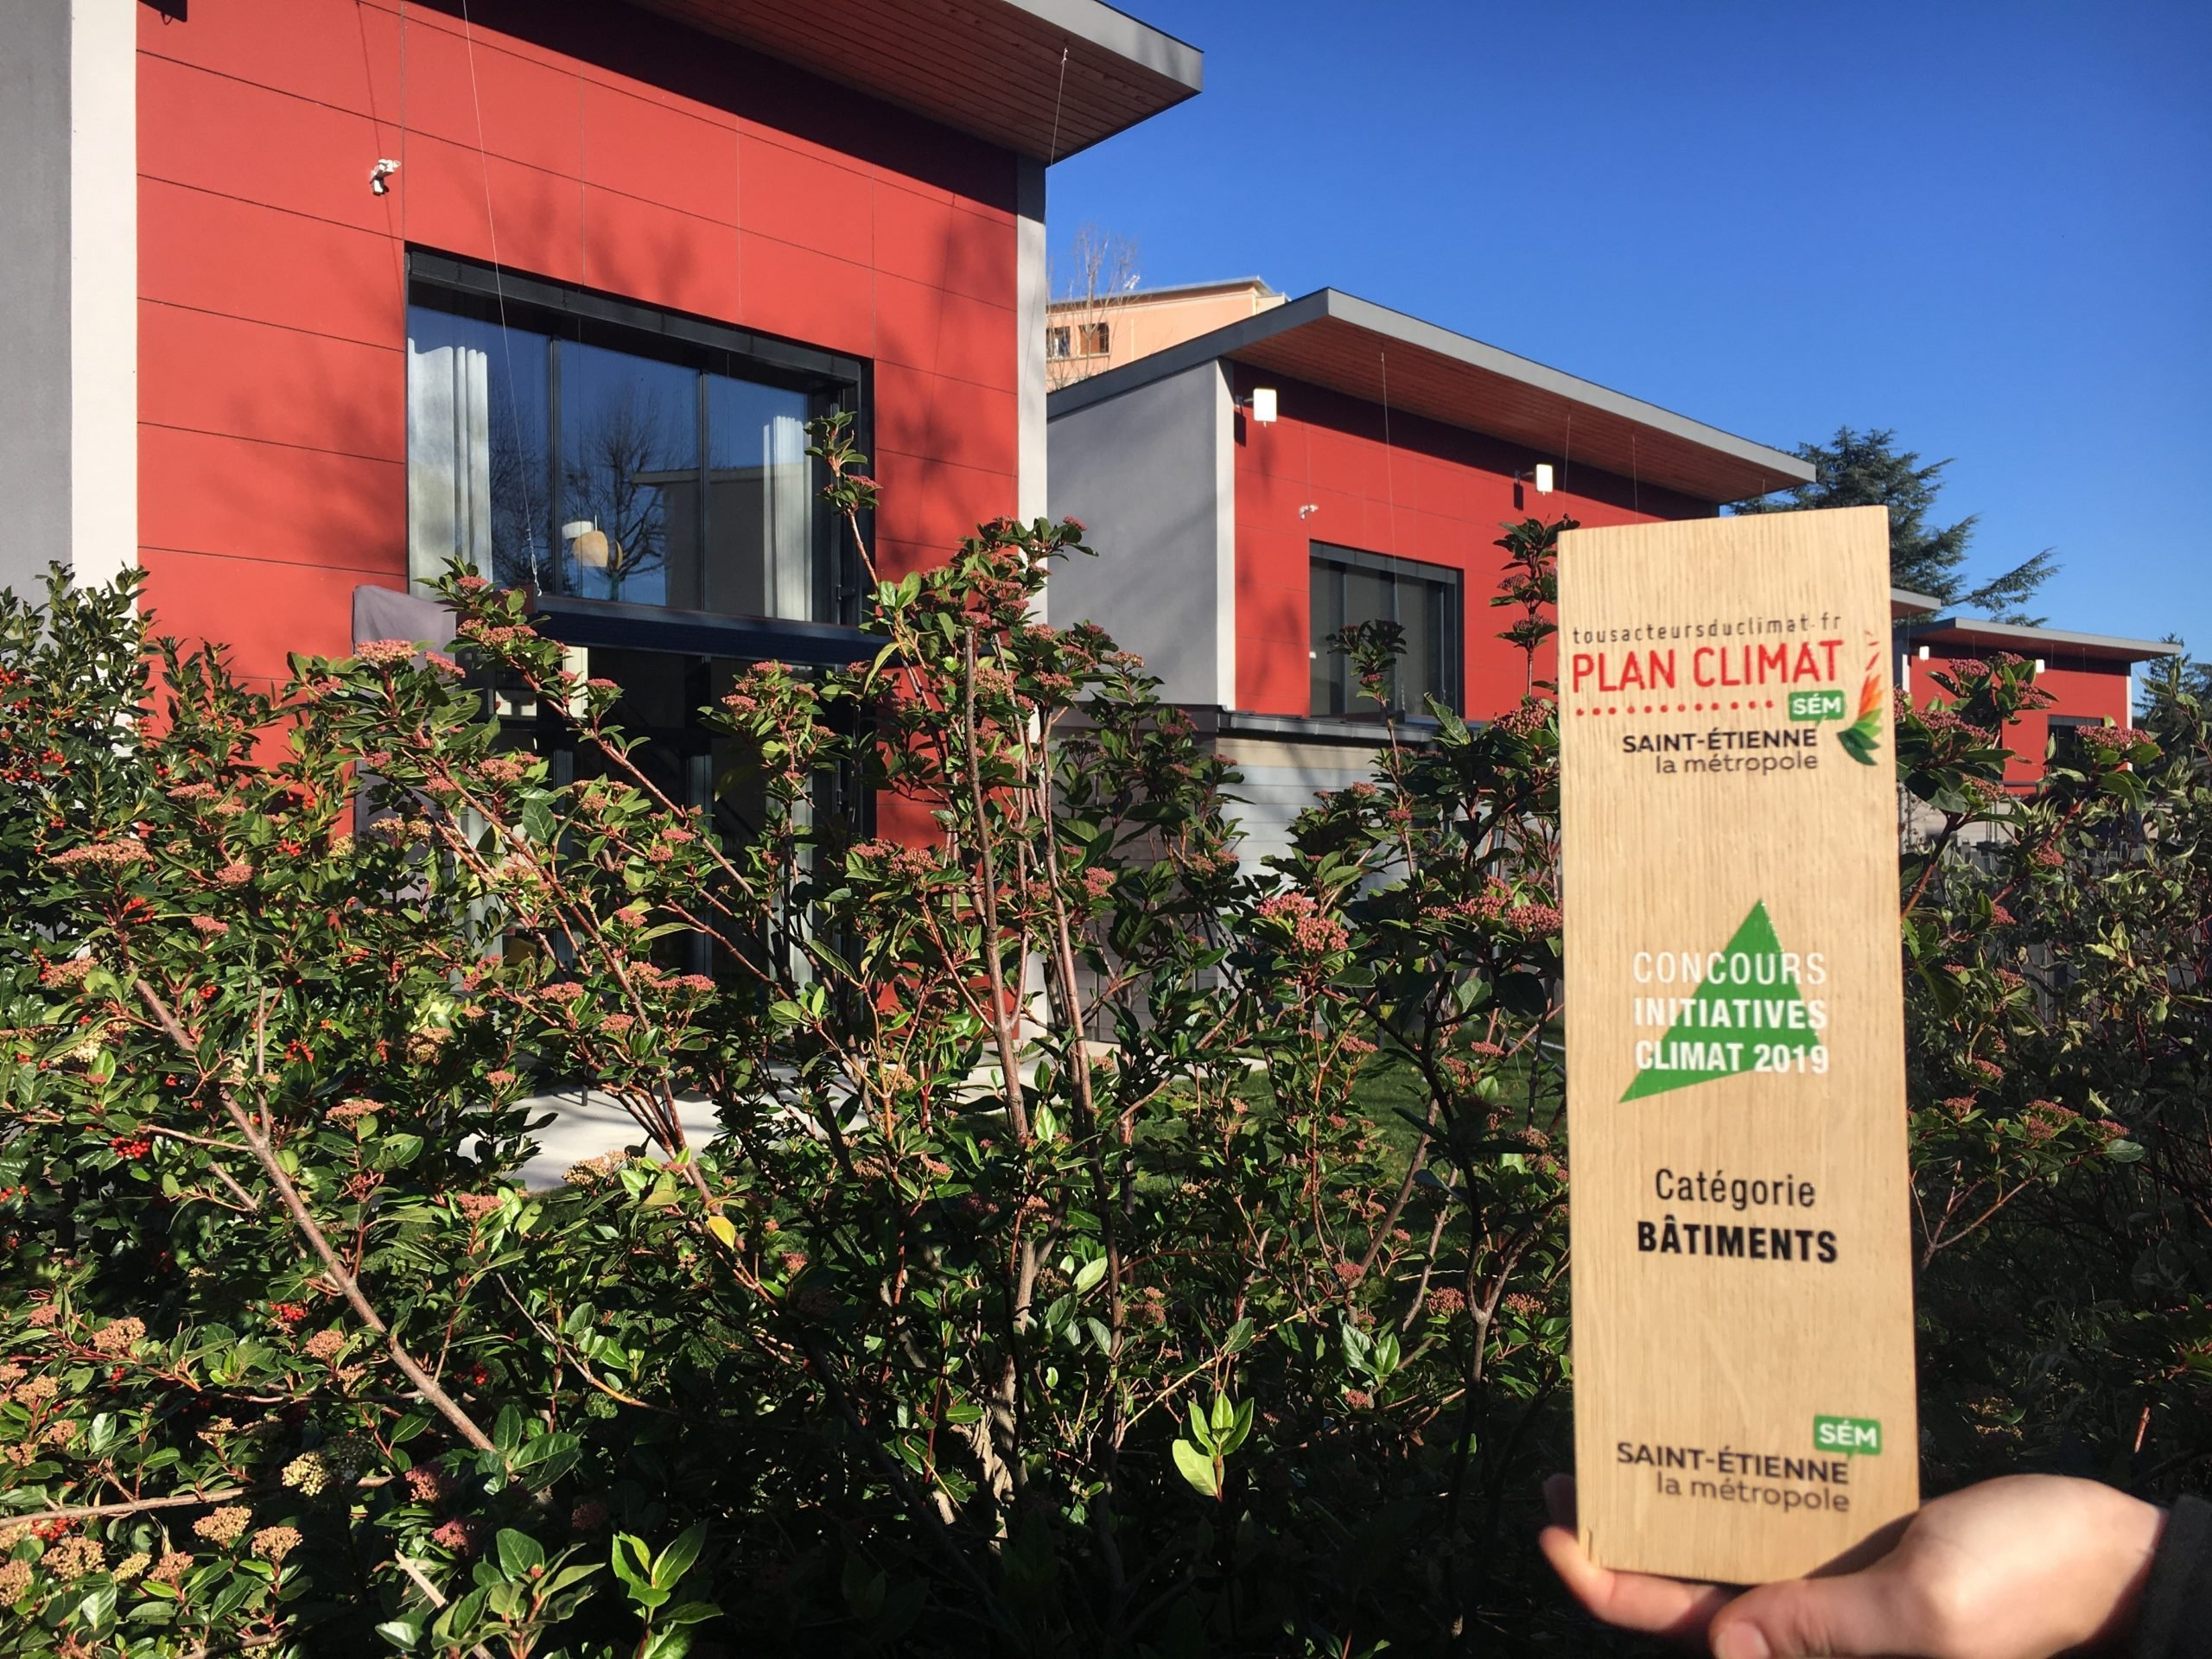 LE CONCOURS DES INITIATIVES : Remise du prix du Plan climat par Saint-Etienne Métropole